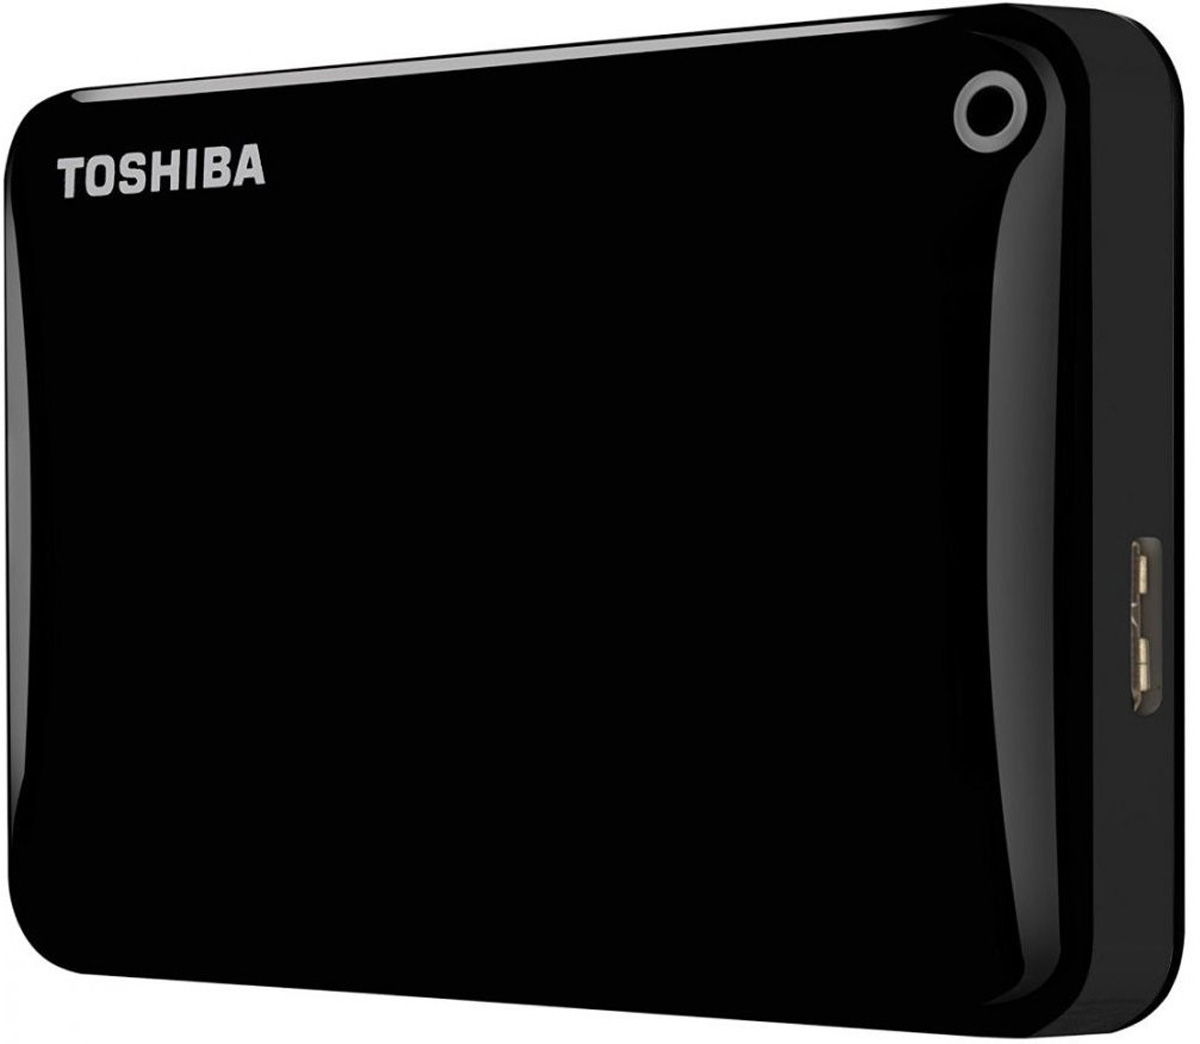 Toshiba Canvio Connect II 3TB, Black внешний жесткий диск (HDTC830EK3CA)HDTC830EK3CAToshiba Canvio Connect II дает вам возможность быстро передавать файлы с интерфейсом USB 3.0 и хранить до 3 ТБ данных на внешнем жестком диске. Устройство полностью готово для работы с Microsoft Windows и не требует установки программного обеспечения, так что ничего не может быть удобнее для хранения всех ваших любимых файлов. В офисе или в дороге его классический дизайн будет всегда уместен. Более того, Toshiba Canvio Connect II позволяет подключаться также и к оборудованию с совместимостью USB 2.0.Этот внешний накопитель обеспечивает доступ к вашим файлам практически из любого места и с любого устройства. Toshiba Canvio Connect II может легко превратить ваш компьютер в облачный сервер благодаря предустановленному ПО для удаленного доступа (накопитель должен быть подключен к компьютеру и Wi-Fi). Помимо удаленного доступа это устройство предоставляет своему владельцу 10 ГБ дополнительного места в облачном сервисе. Программное обеспечение NTI Backup Now EZ обеспечивает удобное и надежное создание резервных копий и восстановление всех ваших папок, файлов и операционной системы.Canvio Connect II оборудован датчиком ударов, сигнал которого переводит головку жесткого диска в безопасное положение, за счет чего снижается риск повреждения носителя и потери данных при падении накопителя. Накопитель имеет уже установленный драйвер NTFS для Mac, поэтому вам не придется волноваться из-за типа вашего компьютера - просто подключите Canvio Connect II и получите доступ к вашим файлам.